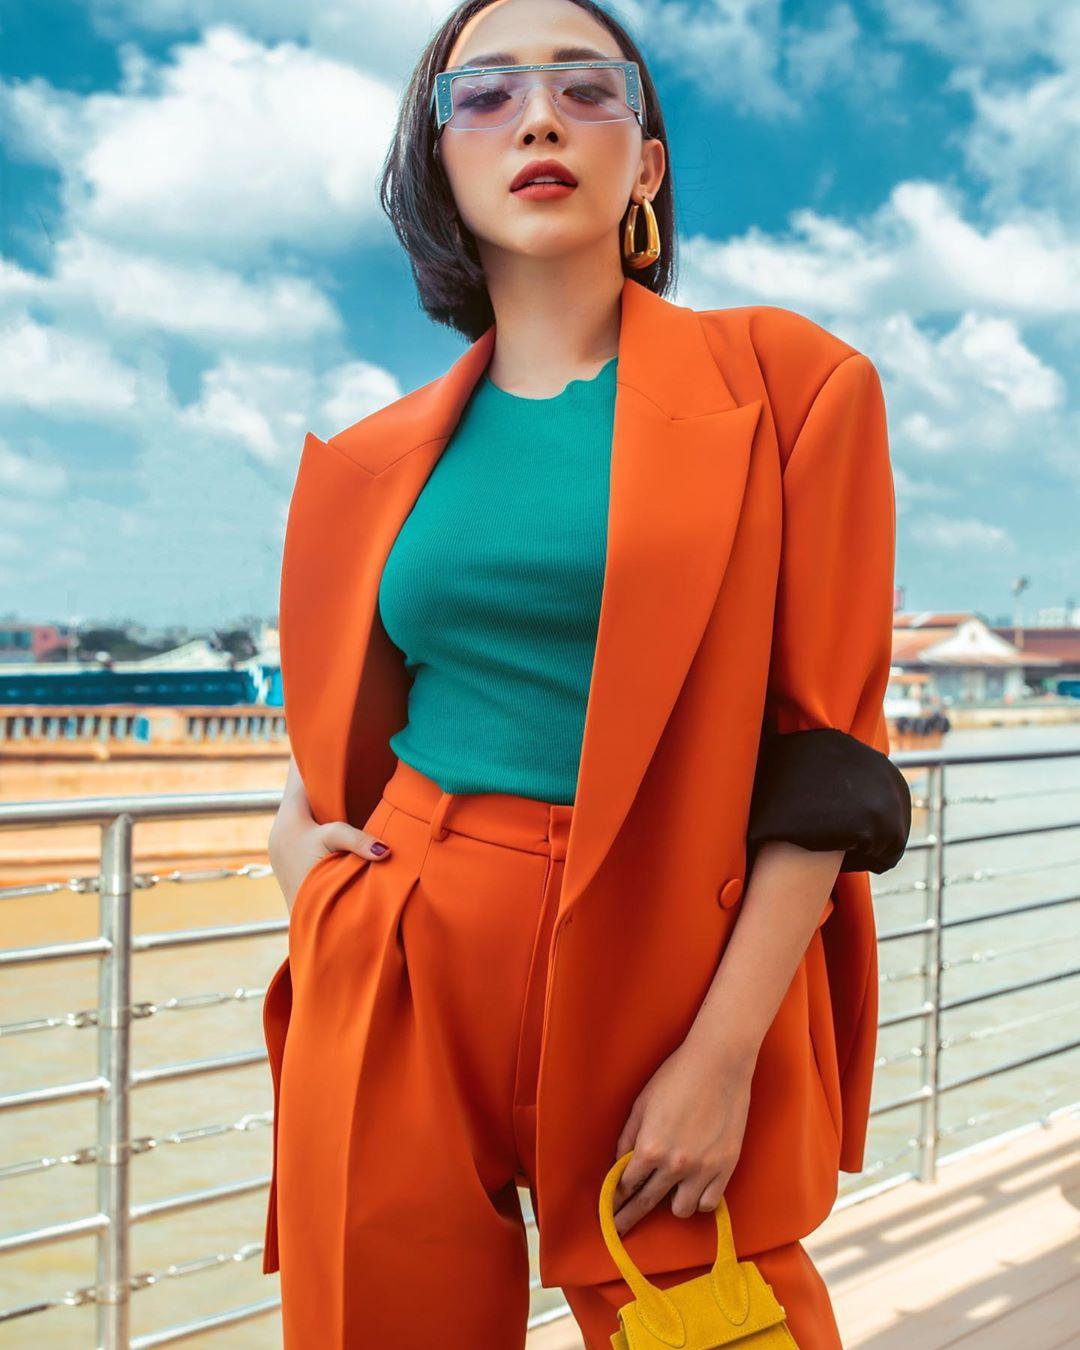 xu hướng thời trang 2019 - tóc tiên